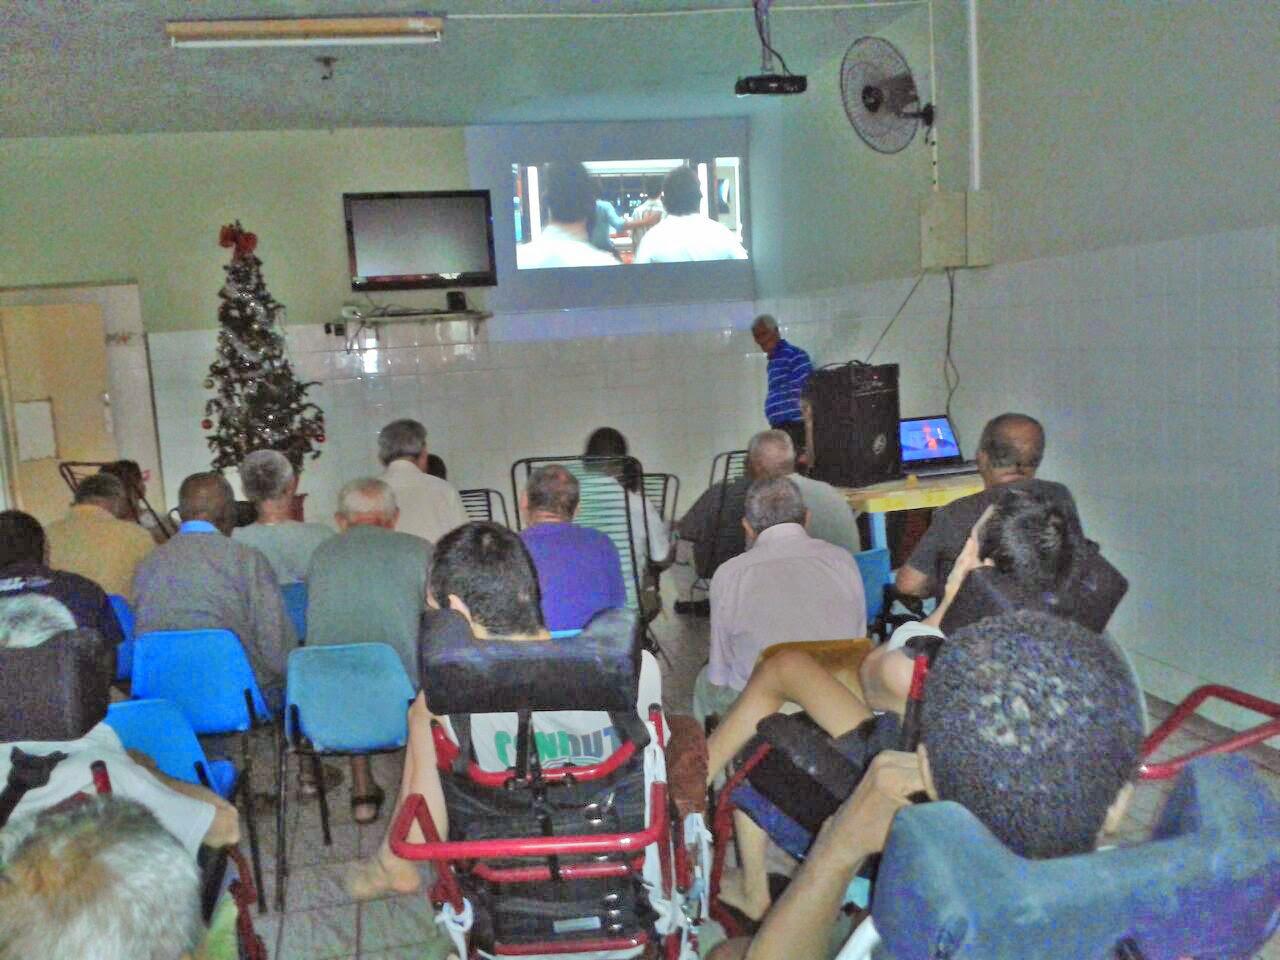 Recanto promove sessão de filme